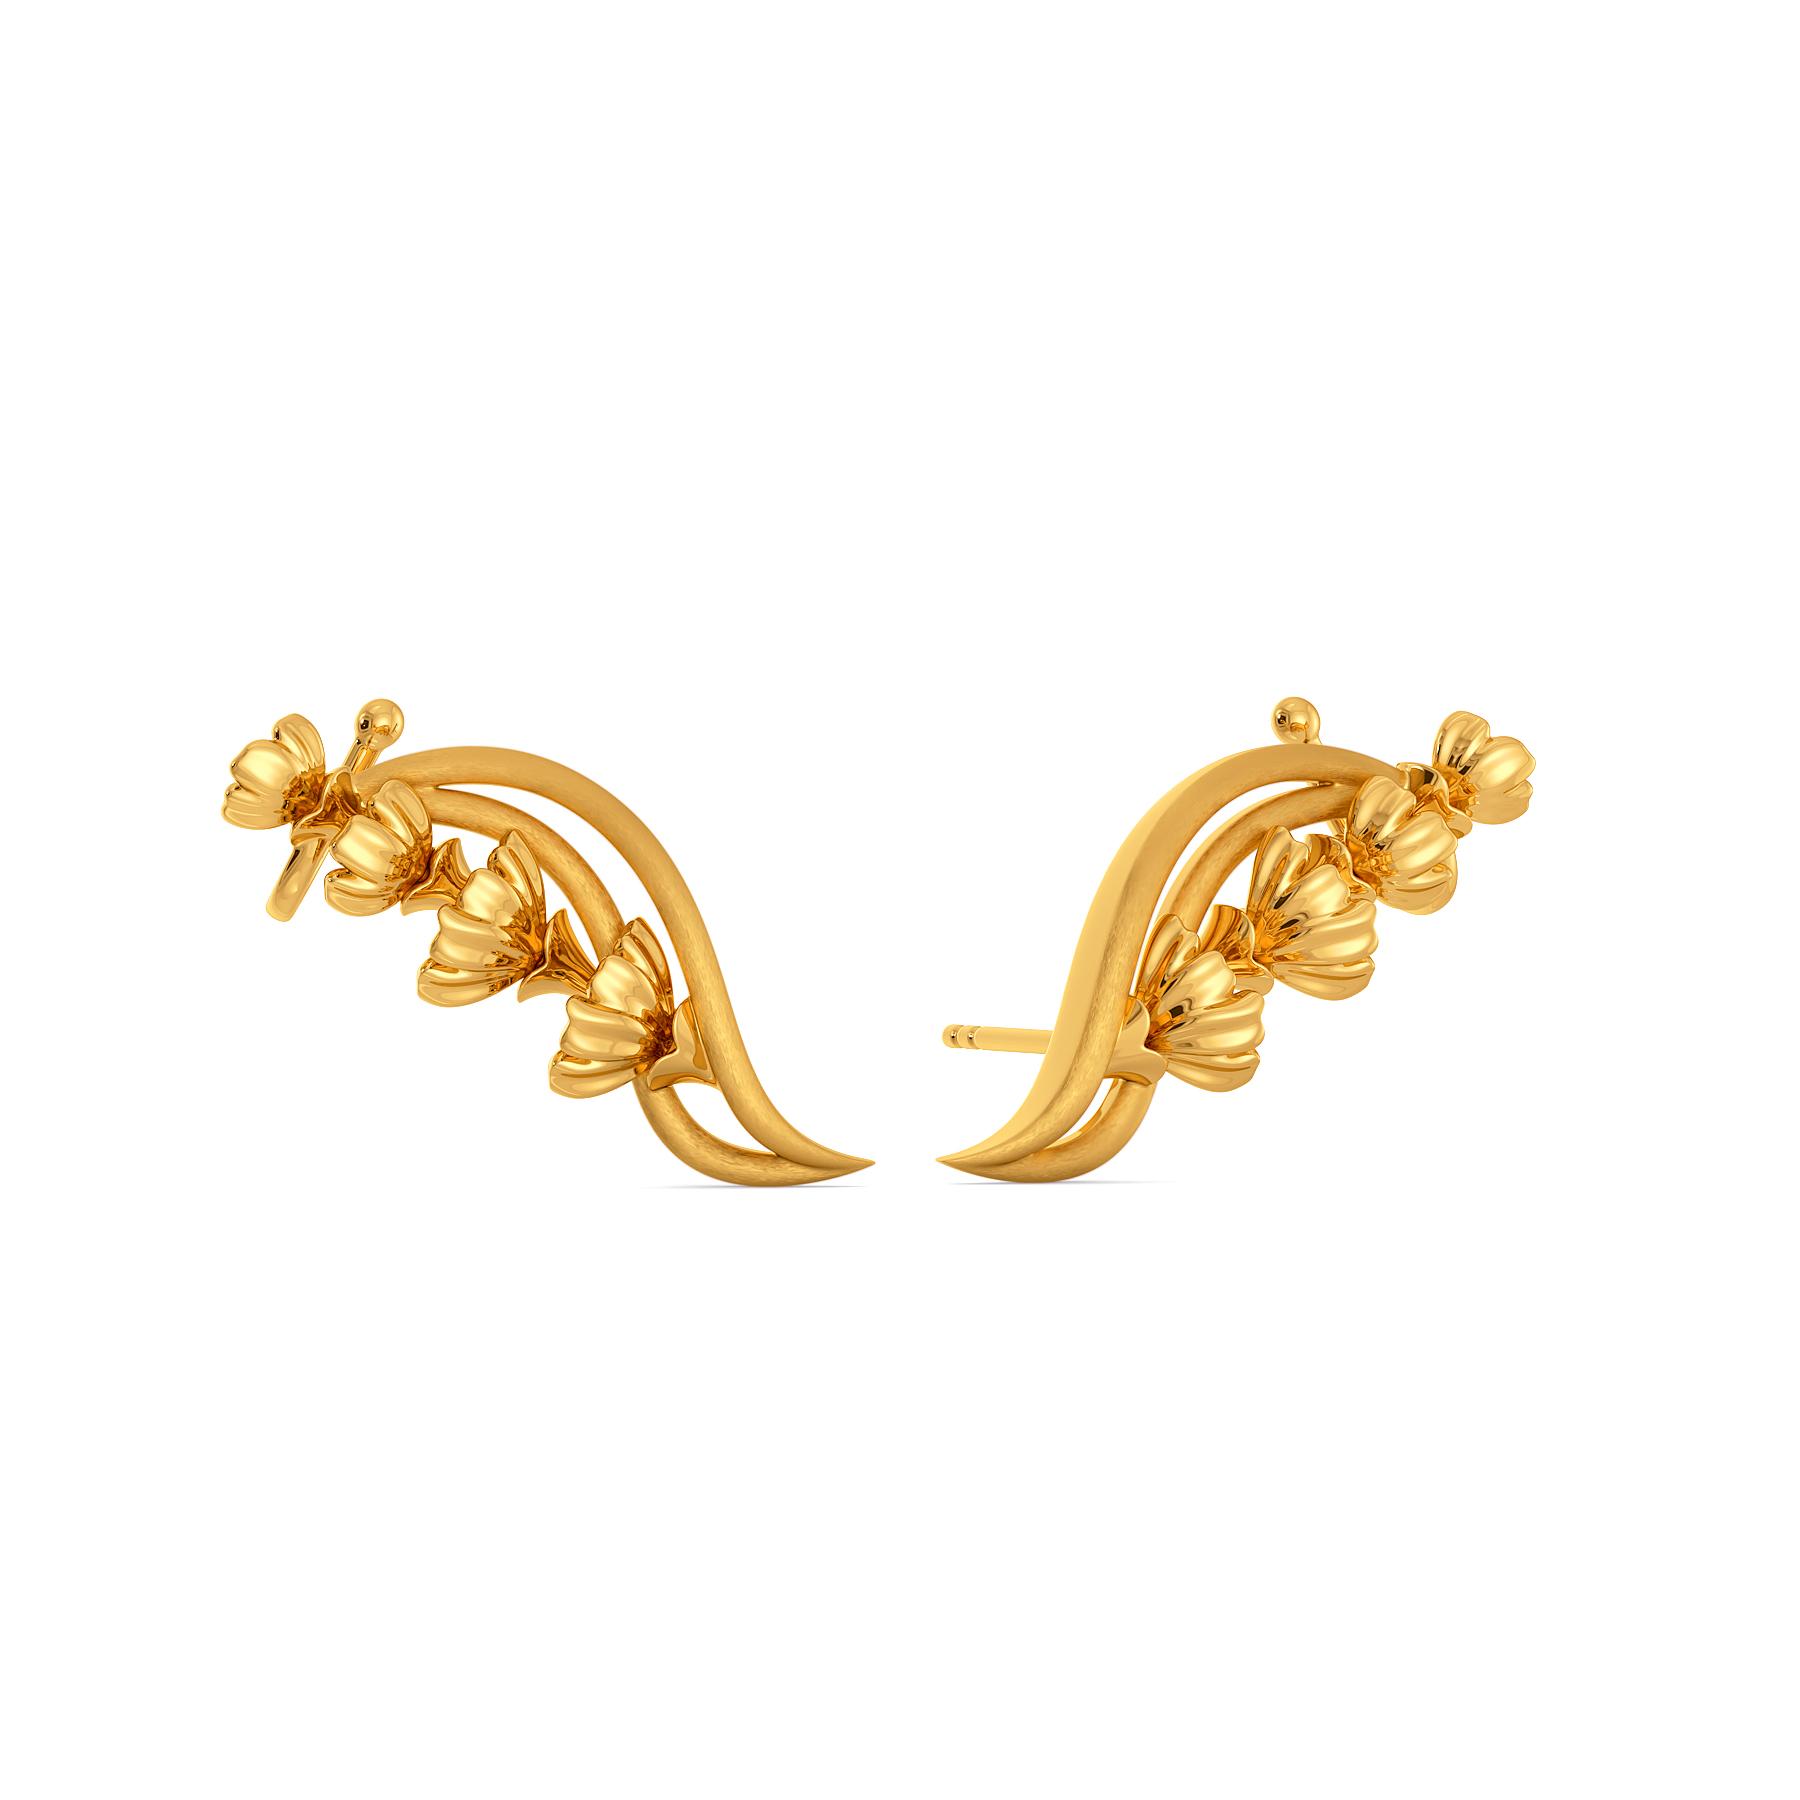 Blossom Bounty Gold Earrings